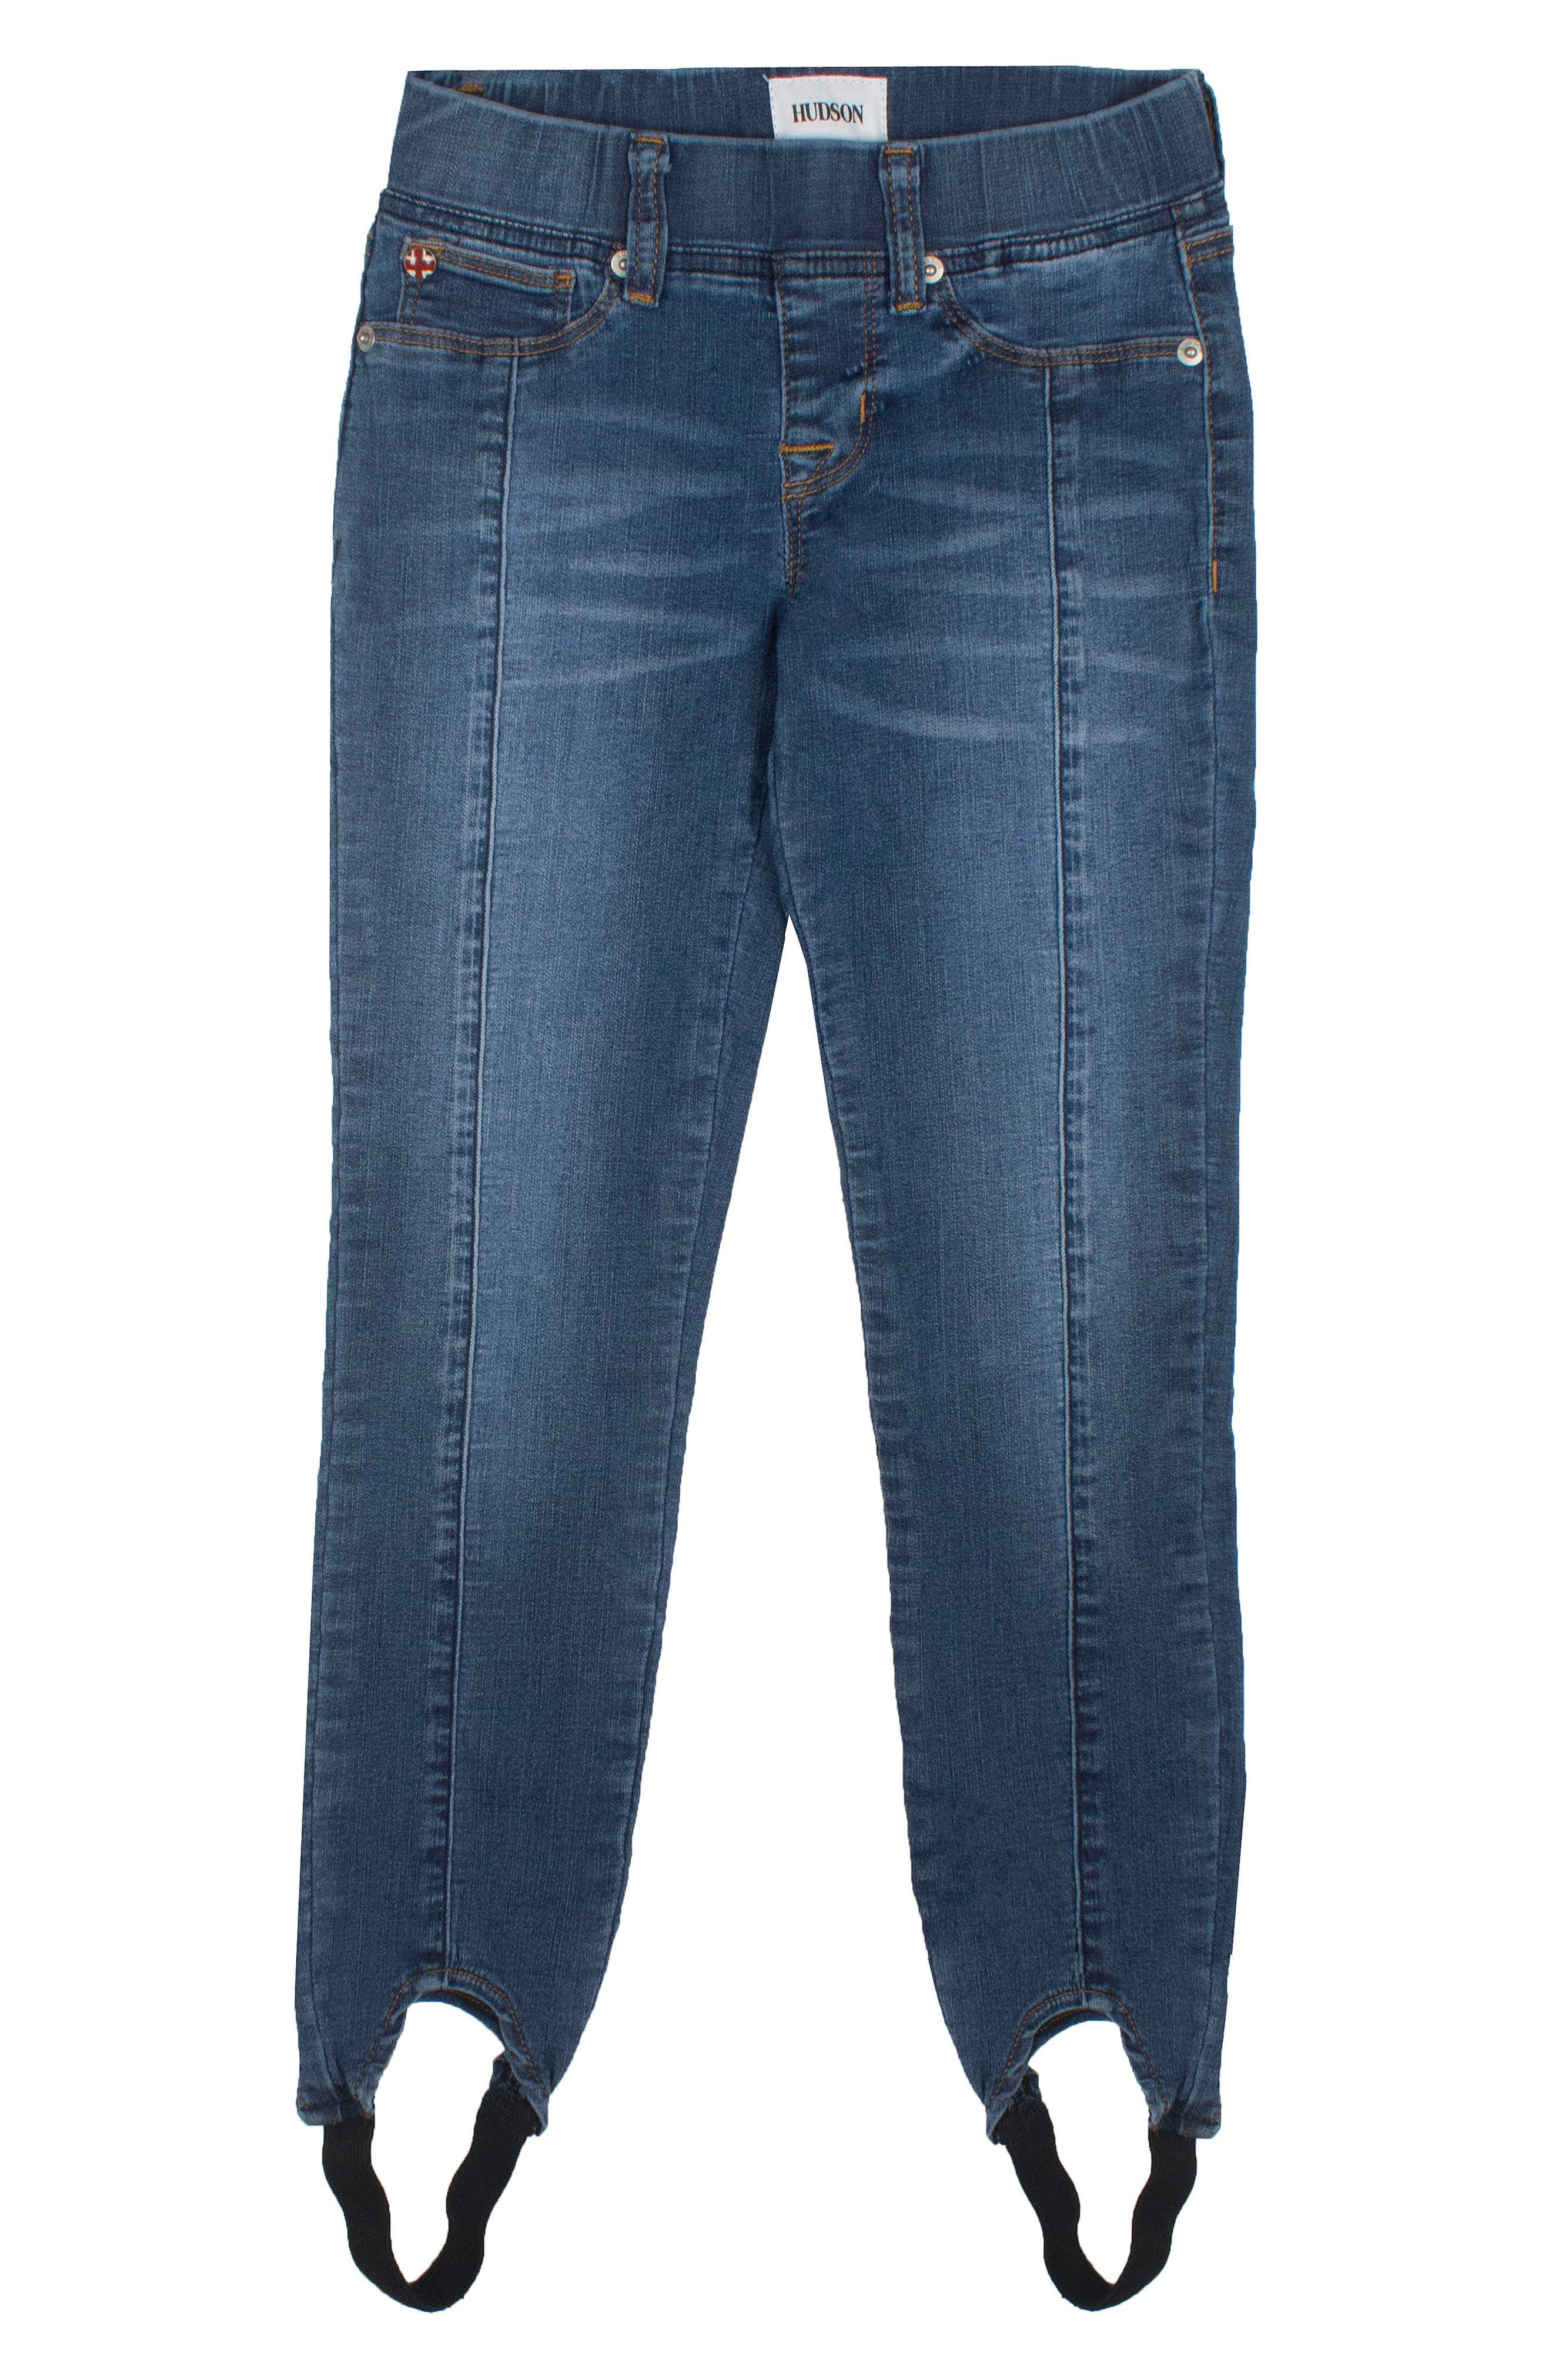 Rosa Stirrup Jeans,                         Main,                         color, 493